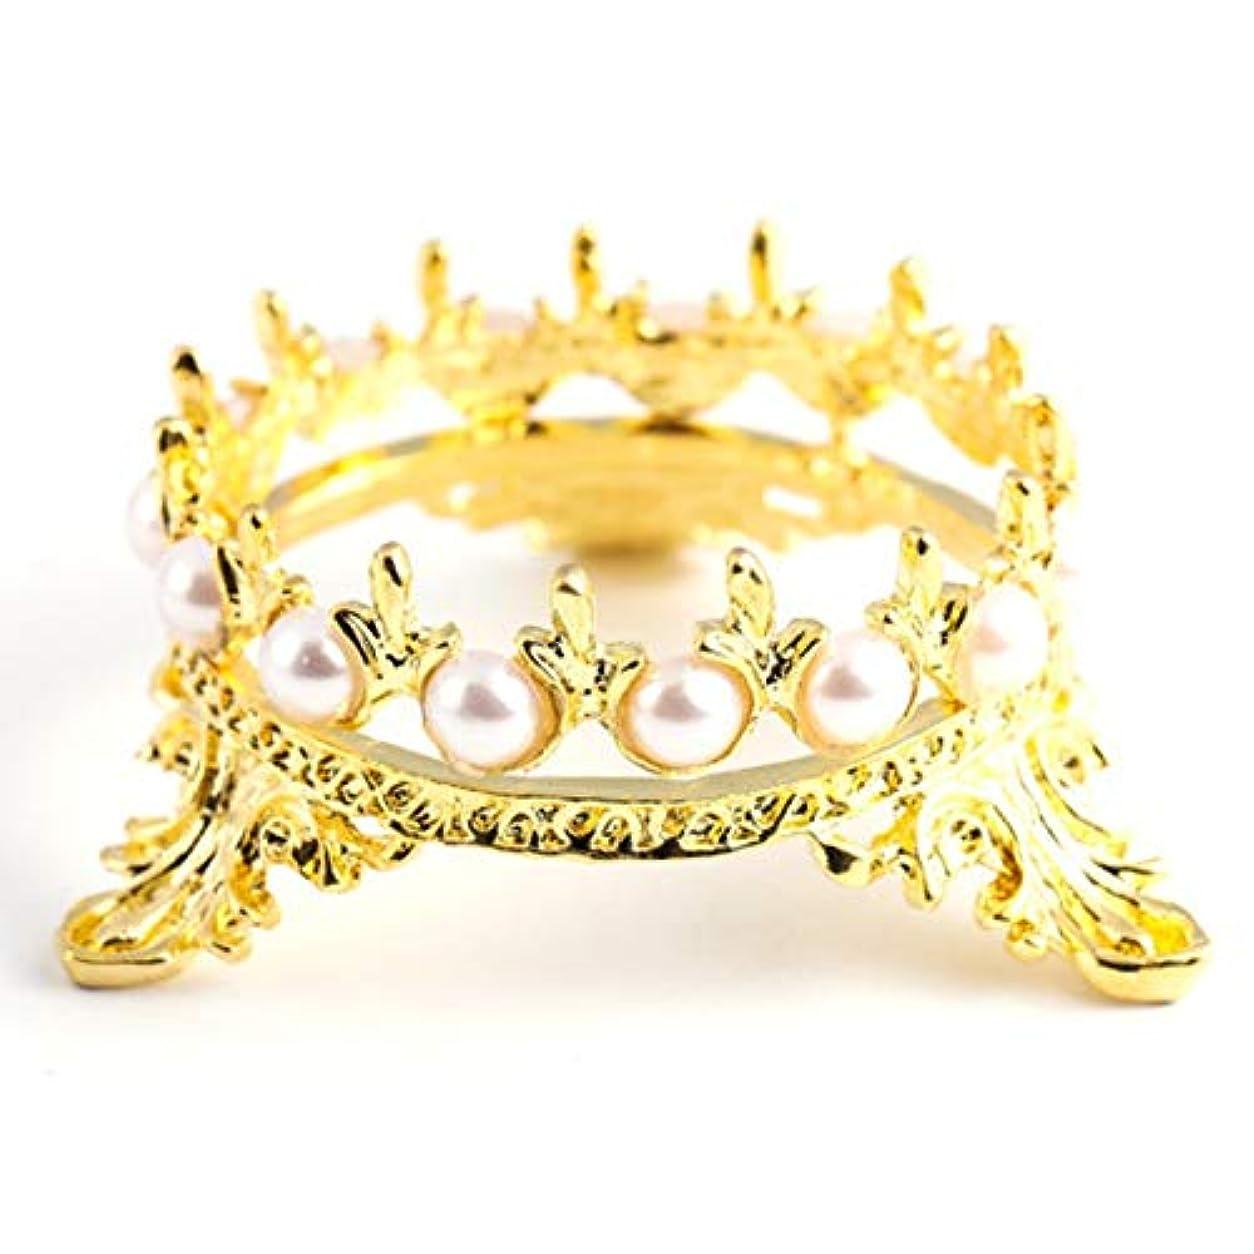 識字回転物理的にYoshilimen 特別1 xクラウンスタンドペンブラシホルダーパールネイルアートペンラックマニキュアネイルアートツール必需品(None Golden Crown Penholder)